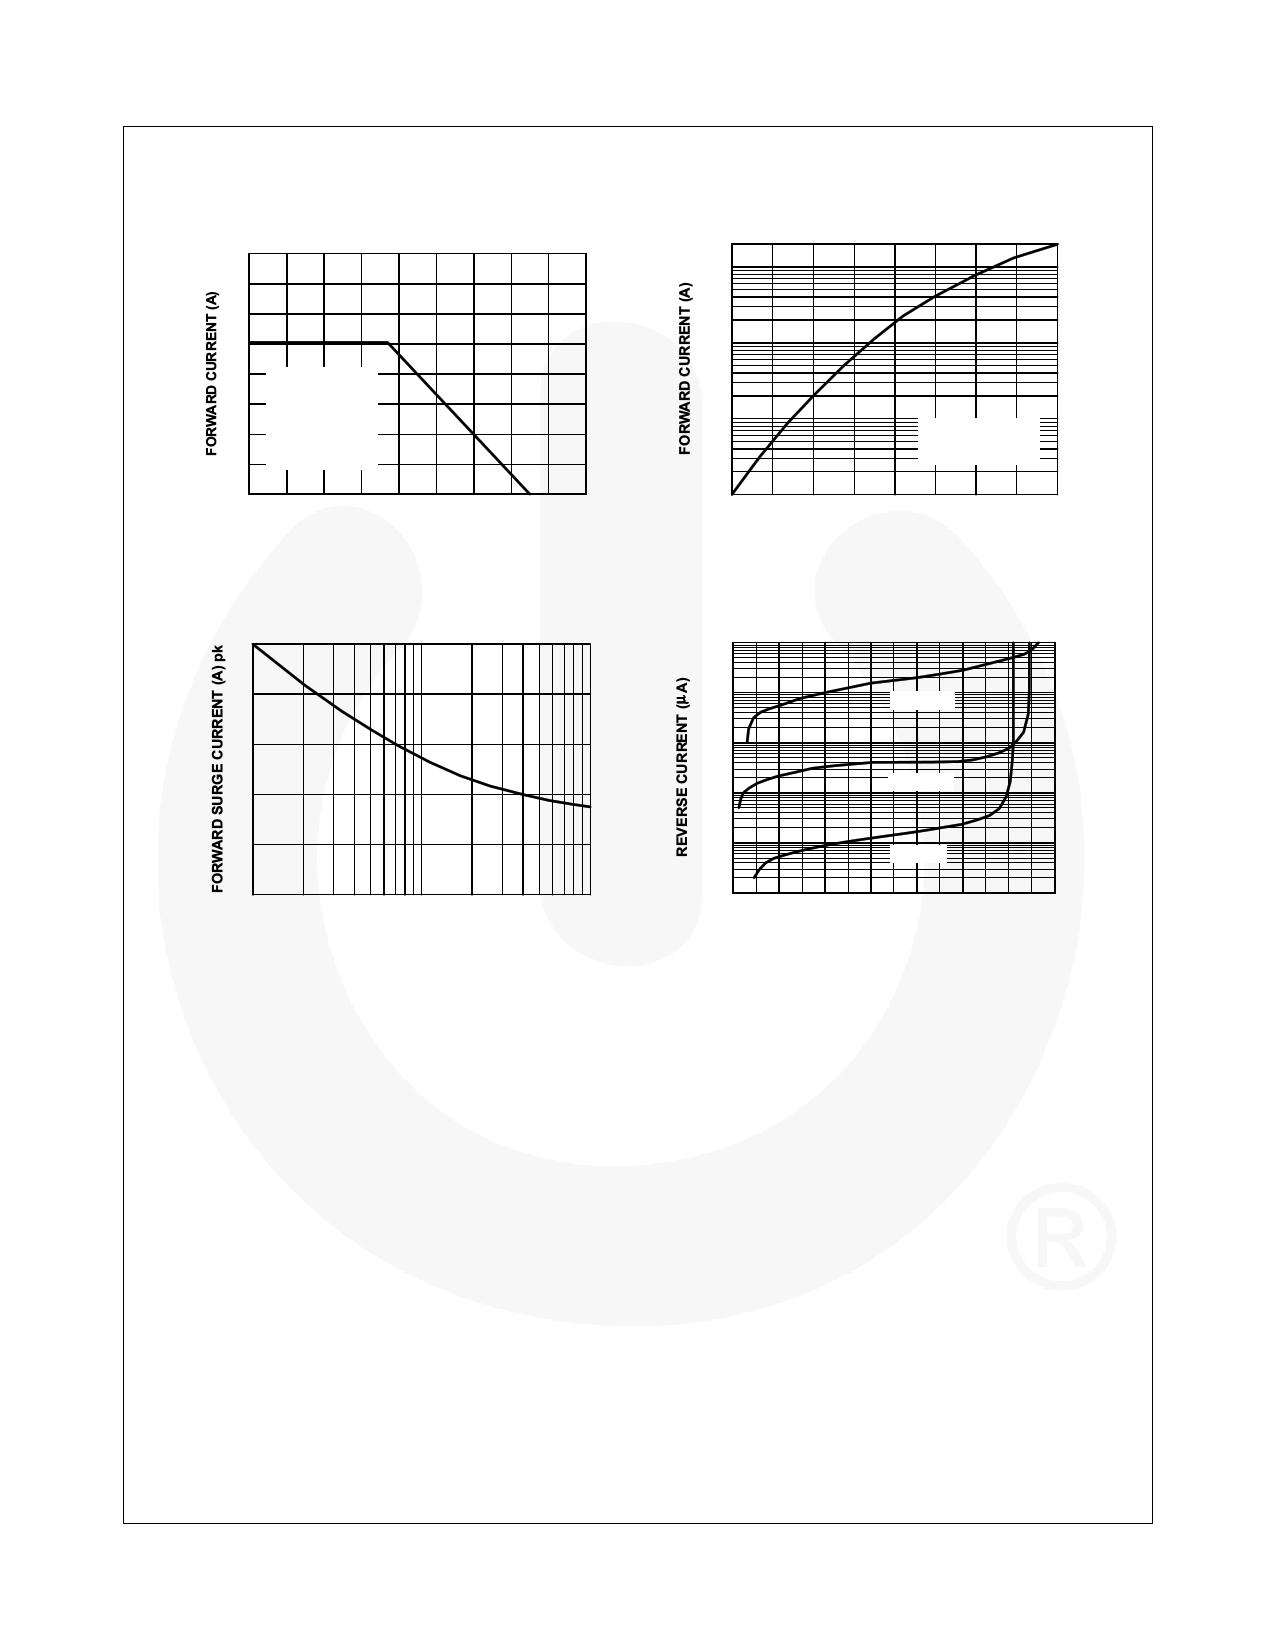 1N4007 pdf, ピン配列